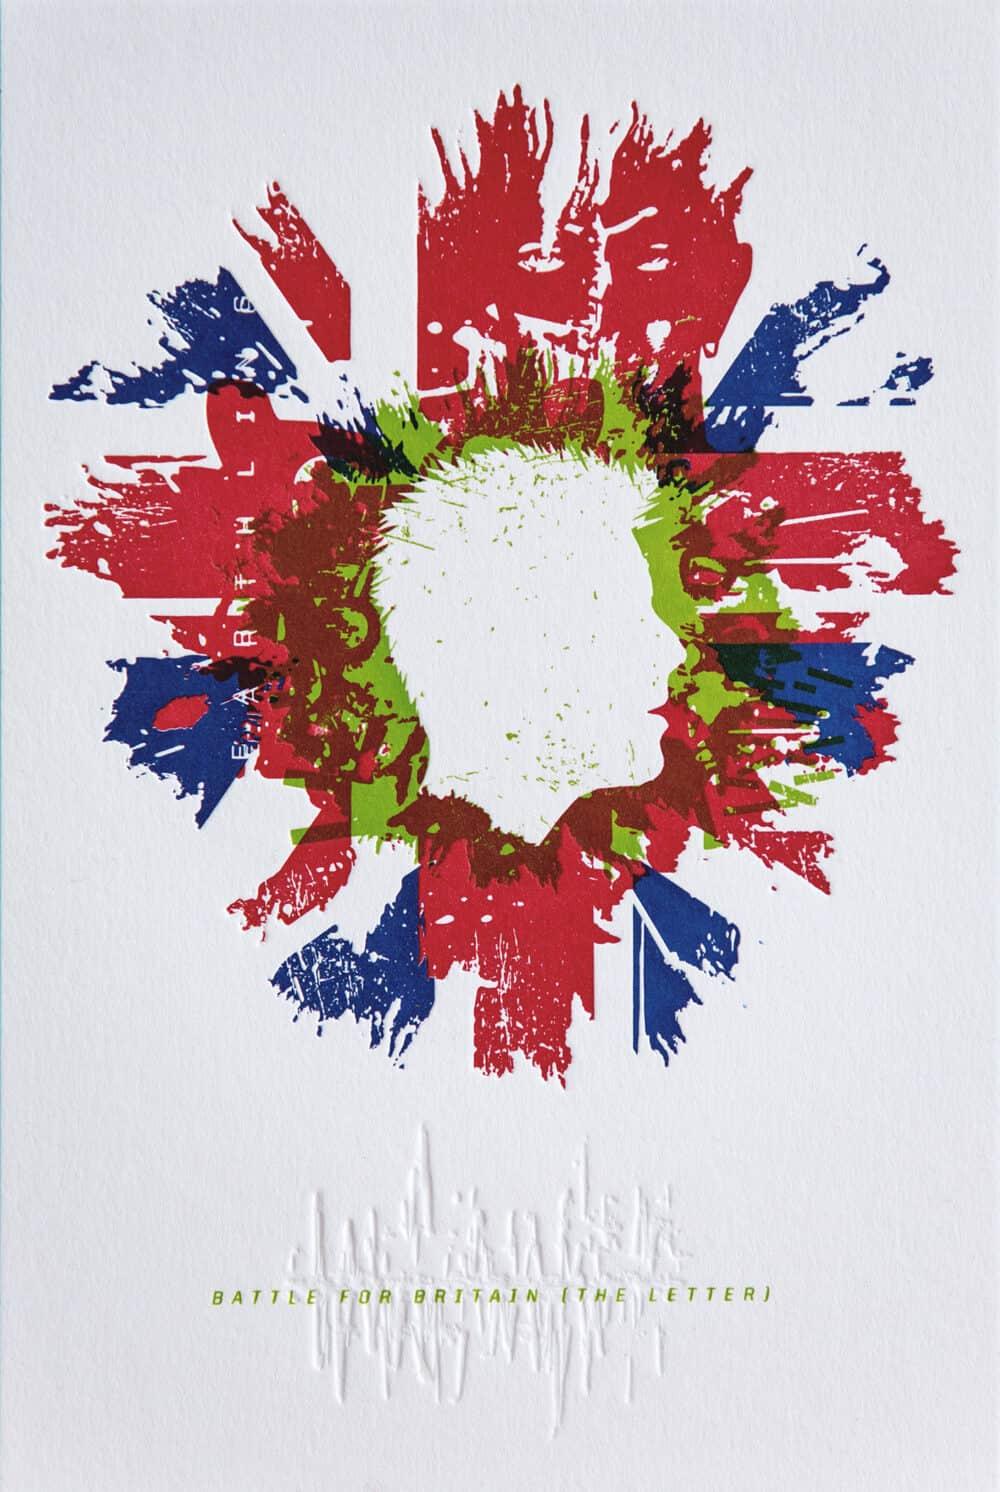 BATTLE FOR BRITAIN - Letterpress Art Print